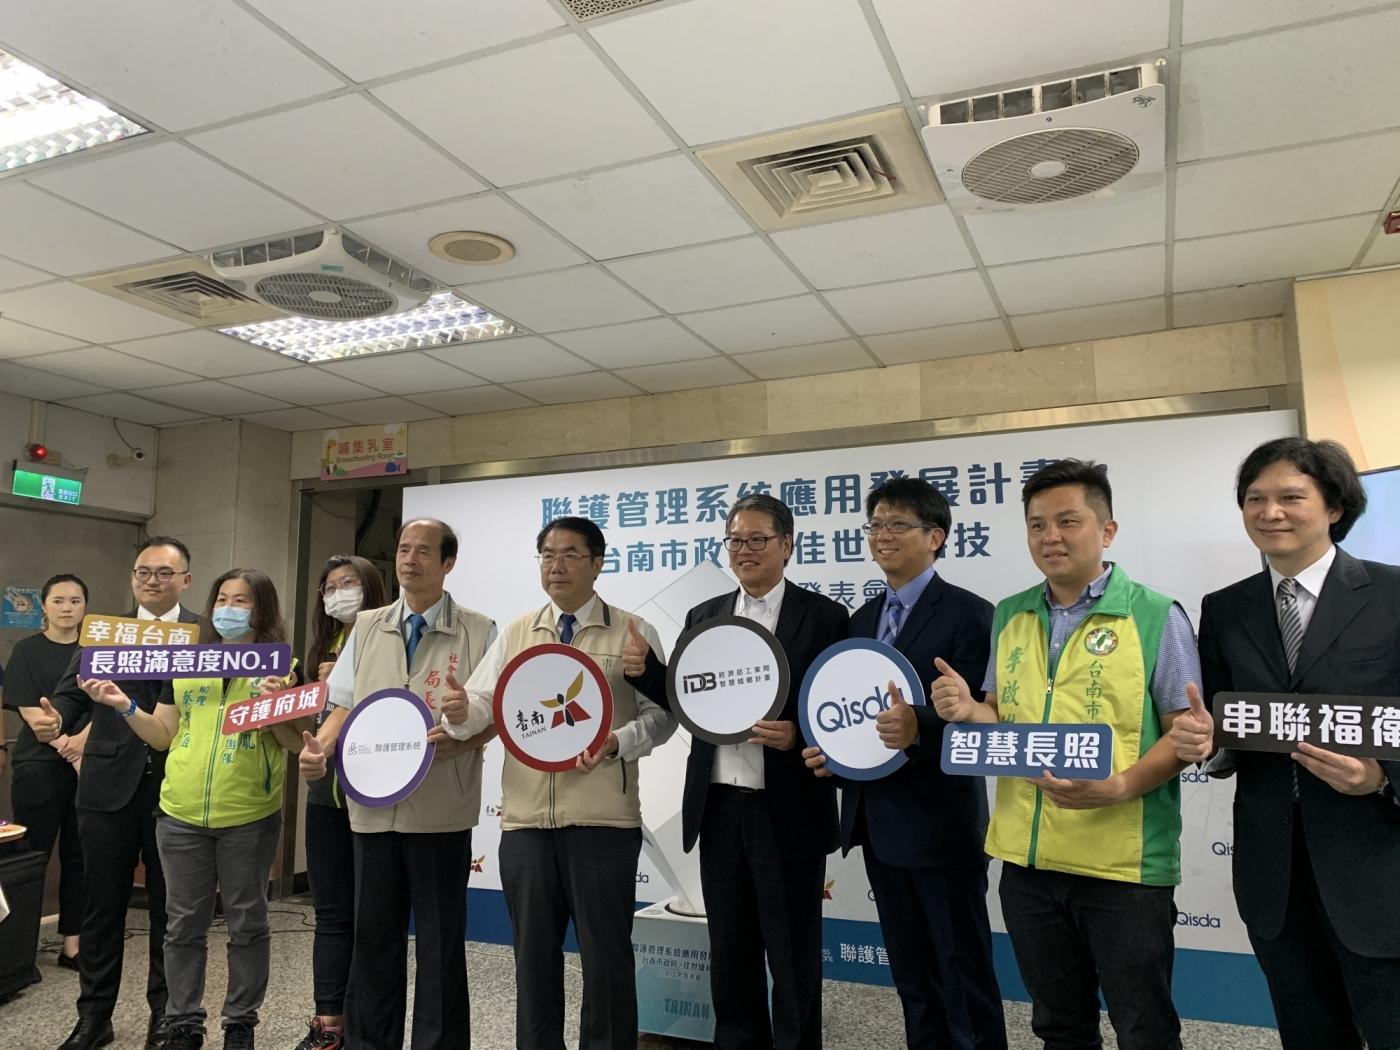 佳世達聯手台南市、耗時2年推動智慧長照,助居家服務機構省下75%人力